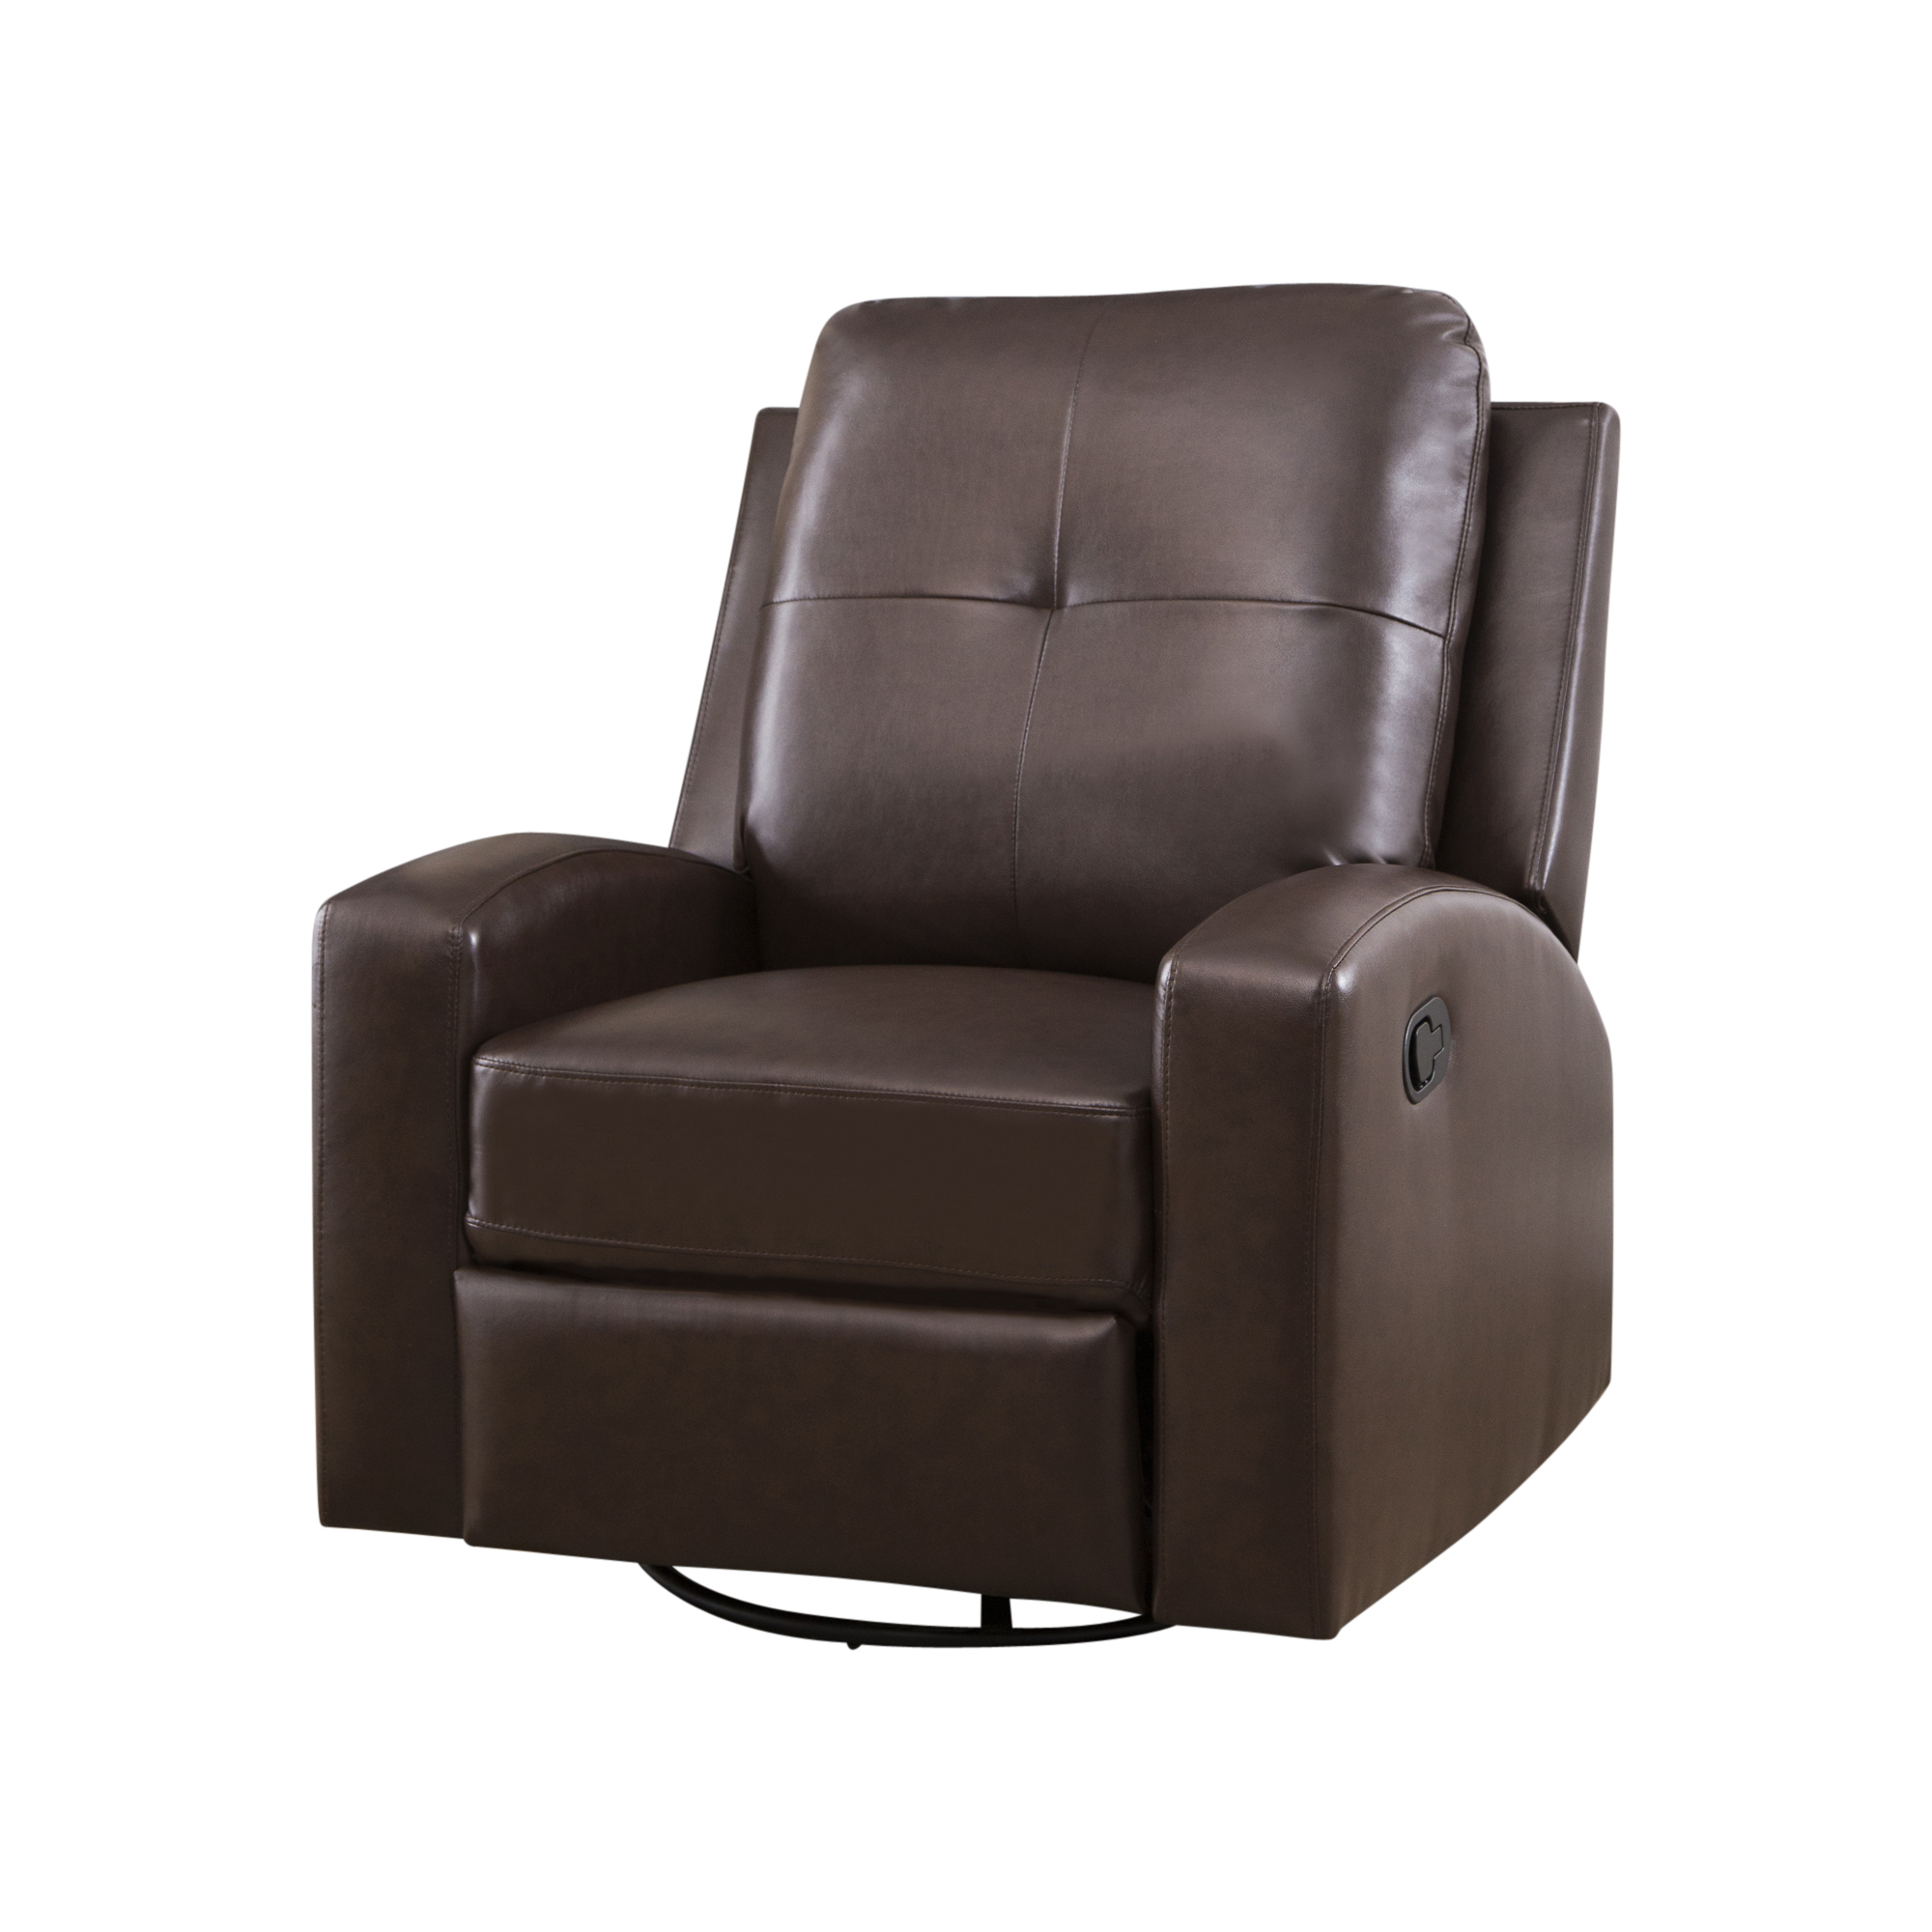 Katrina Beige Swivel Glider Chairs In Most Current Katrina Swivel Glider Recliner, Dark Brown – Walmart (View 4 of 20)